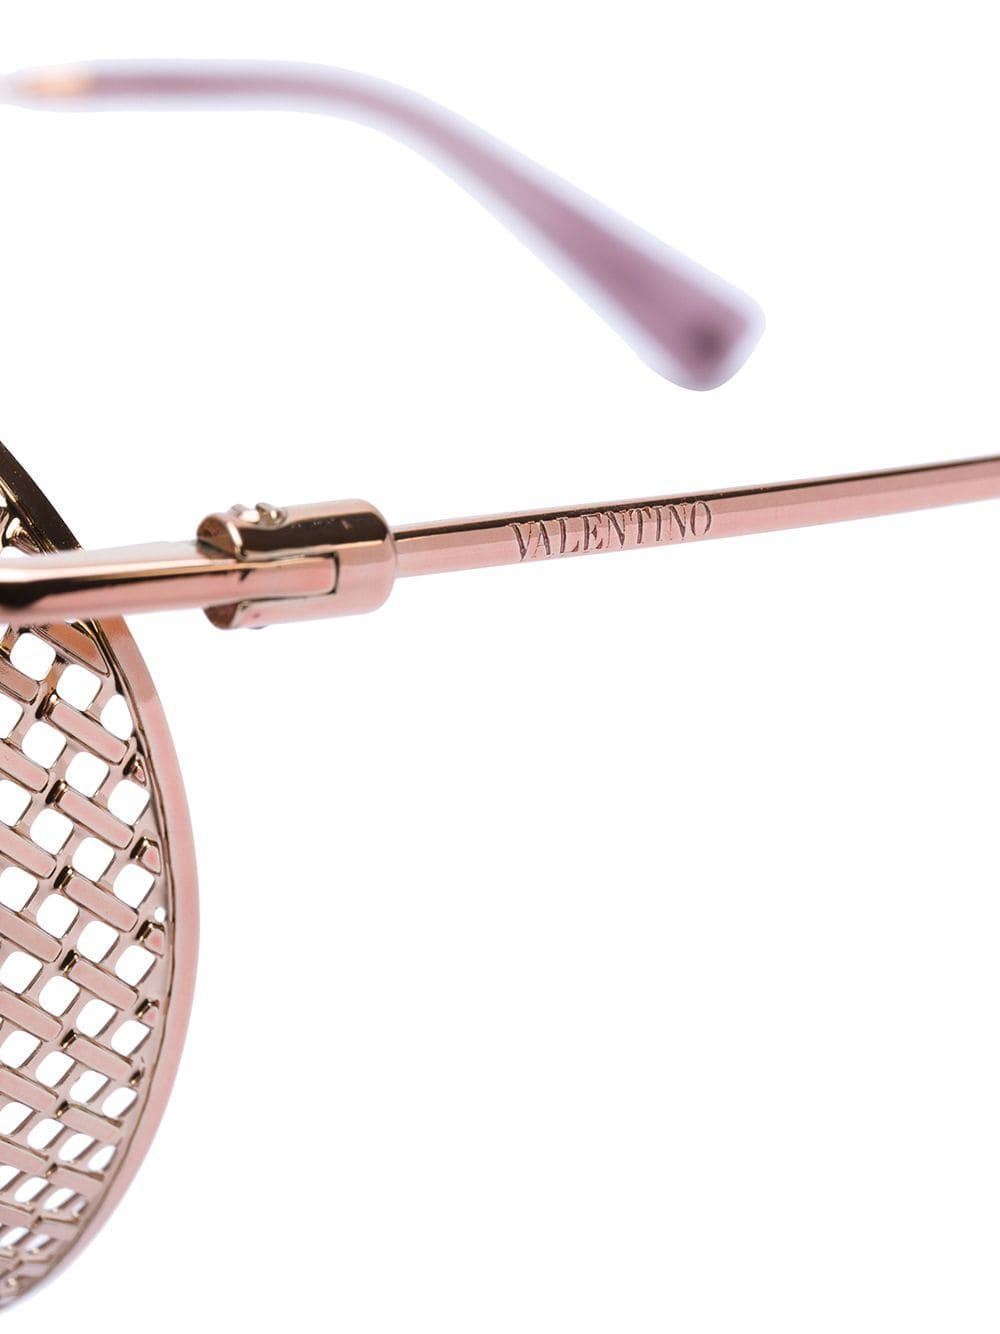 5c4336ae31 Valentino Eyewear - Pink Round Winged Sunglasses - Lyst. View fullscreen